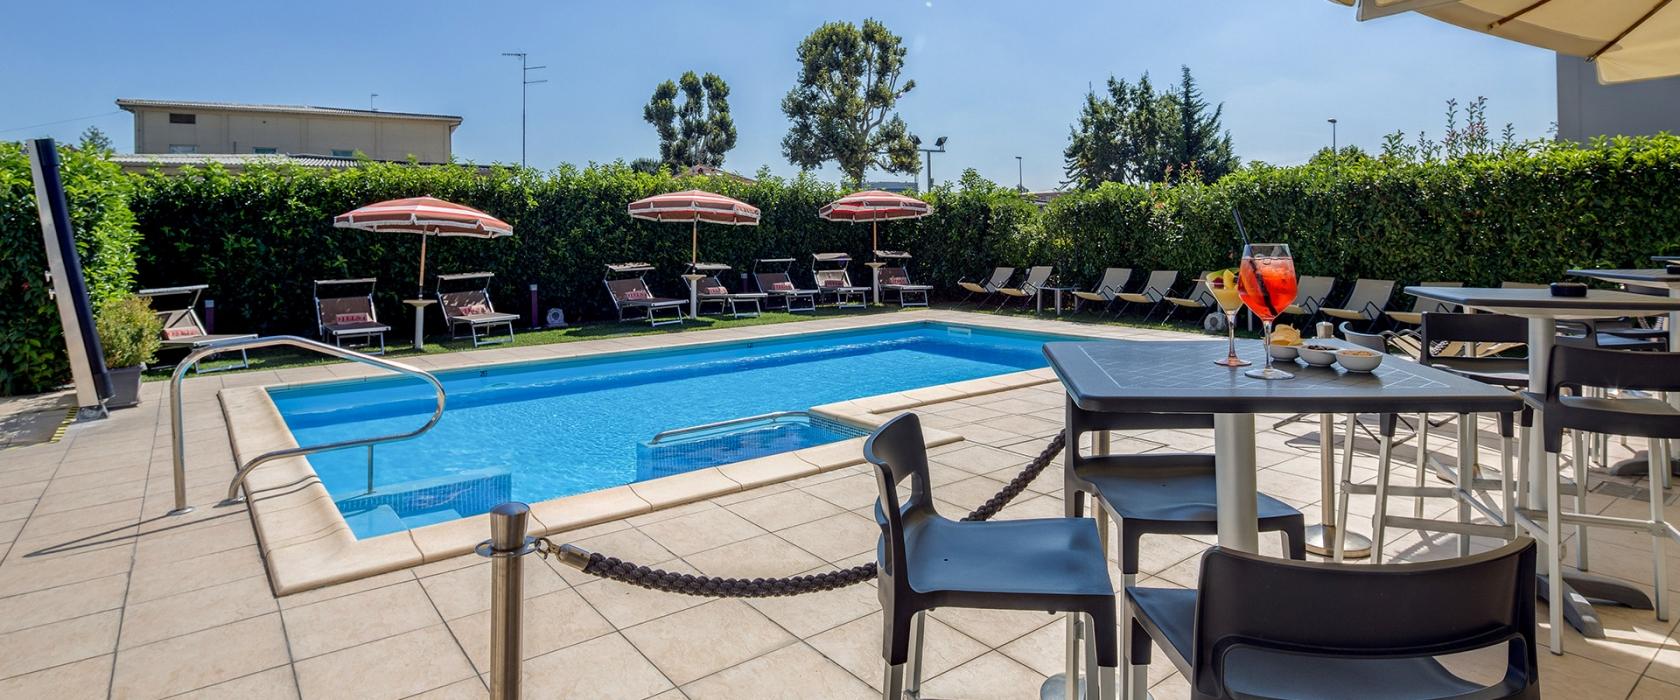 Best Western Plus Hotel Farnese****